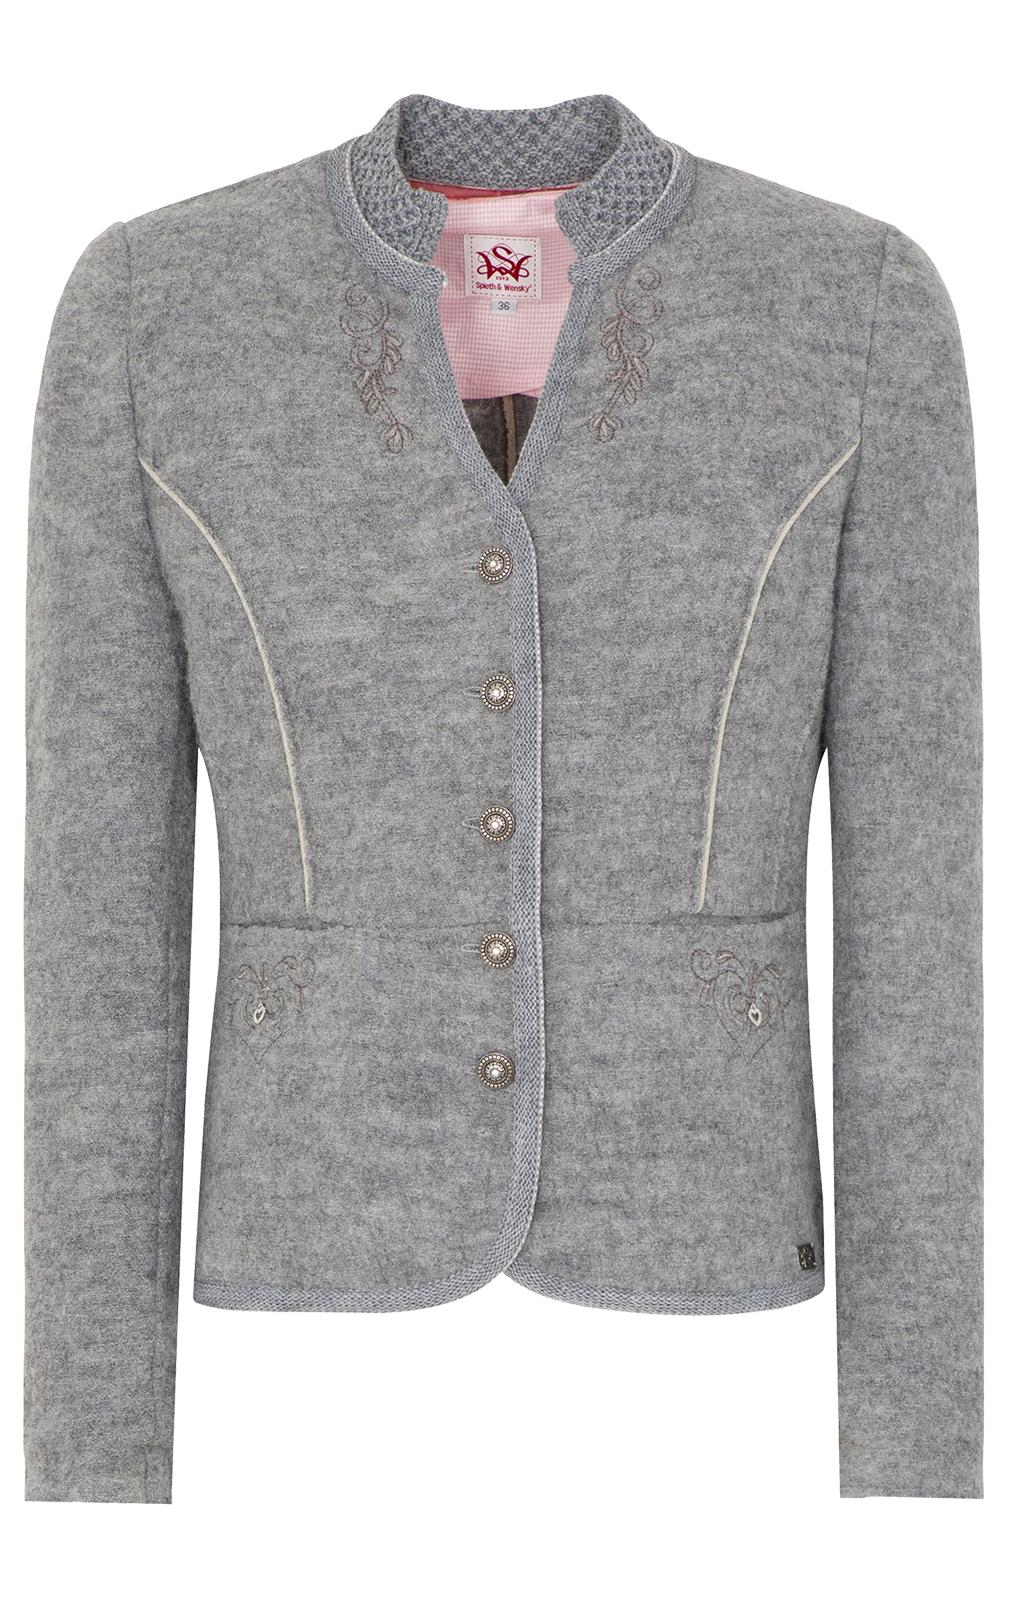 weitere Bilder von Giacca da passeggio per giacche tradizionali KRIEMHILD WJ grigio